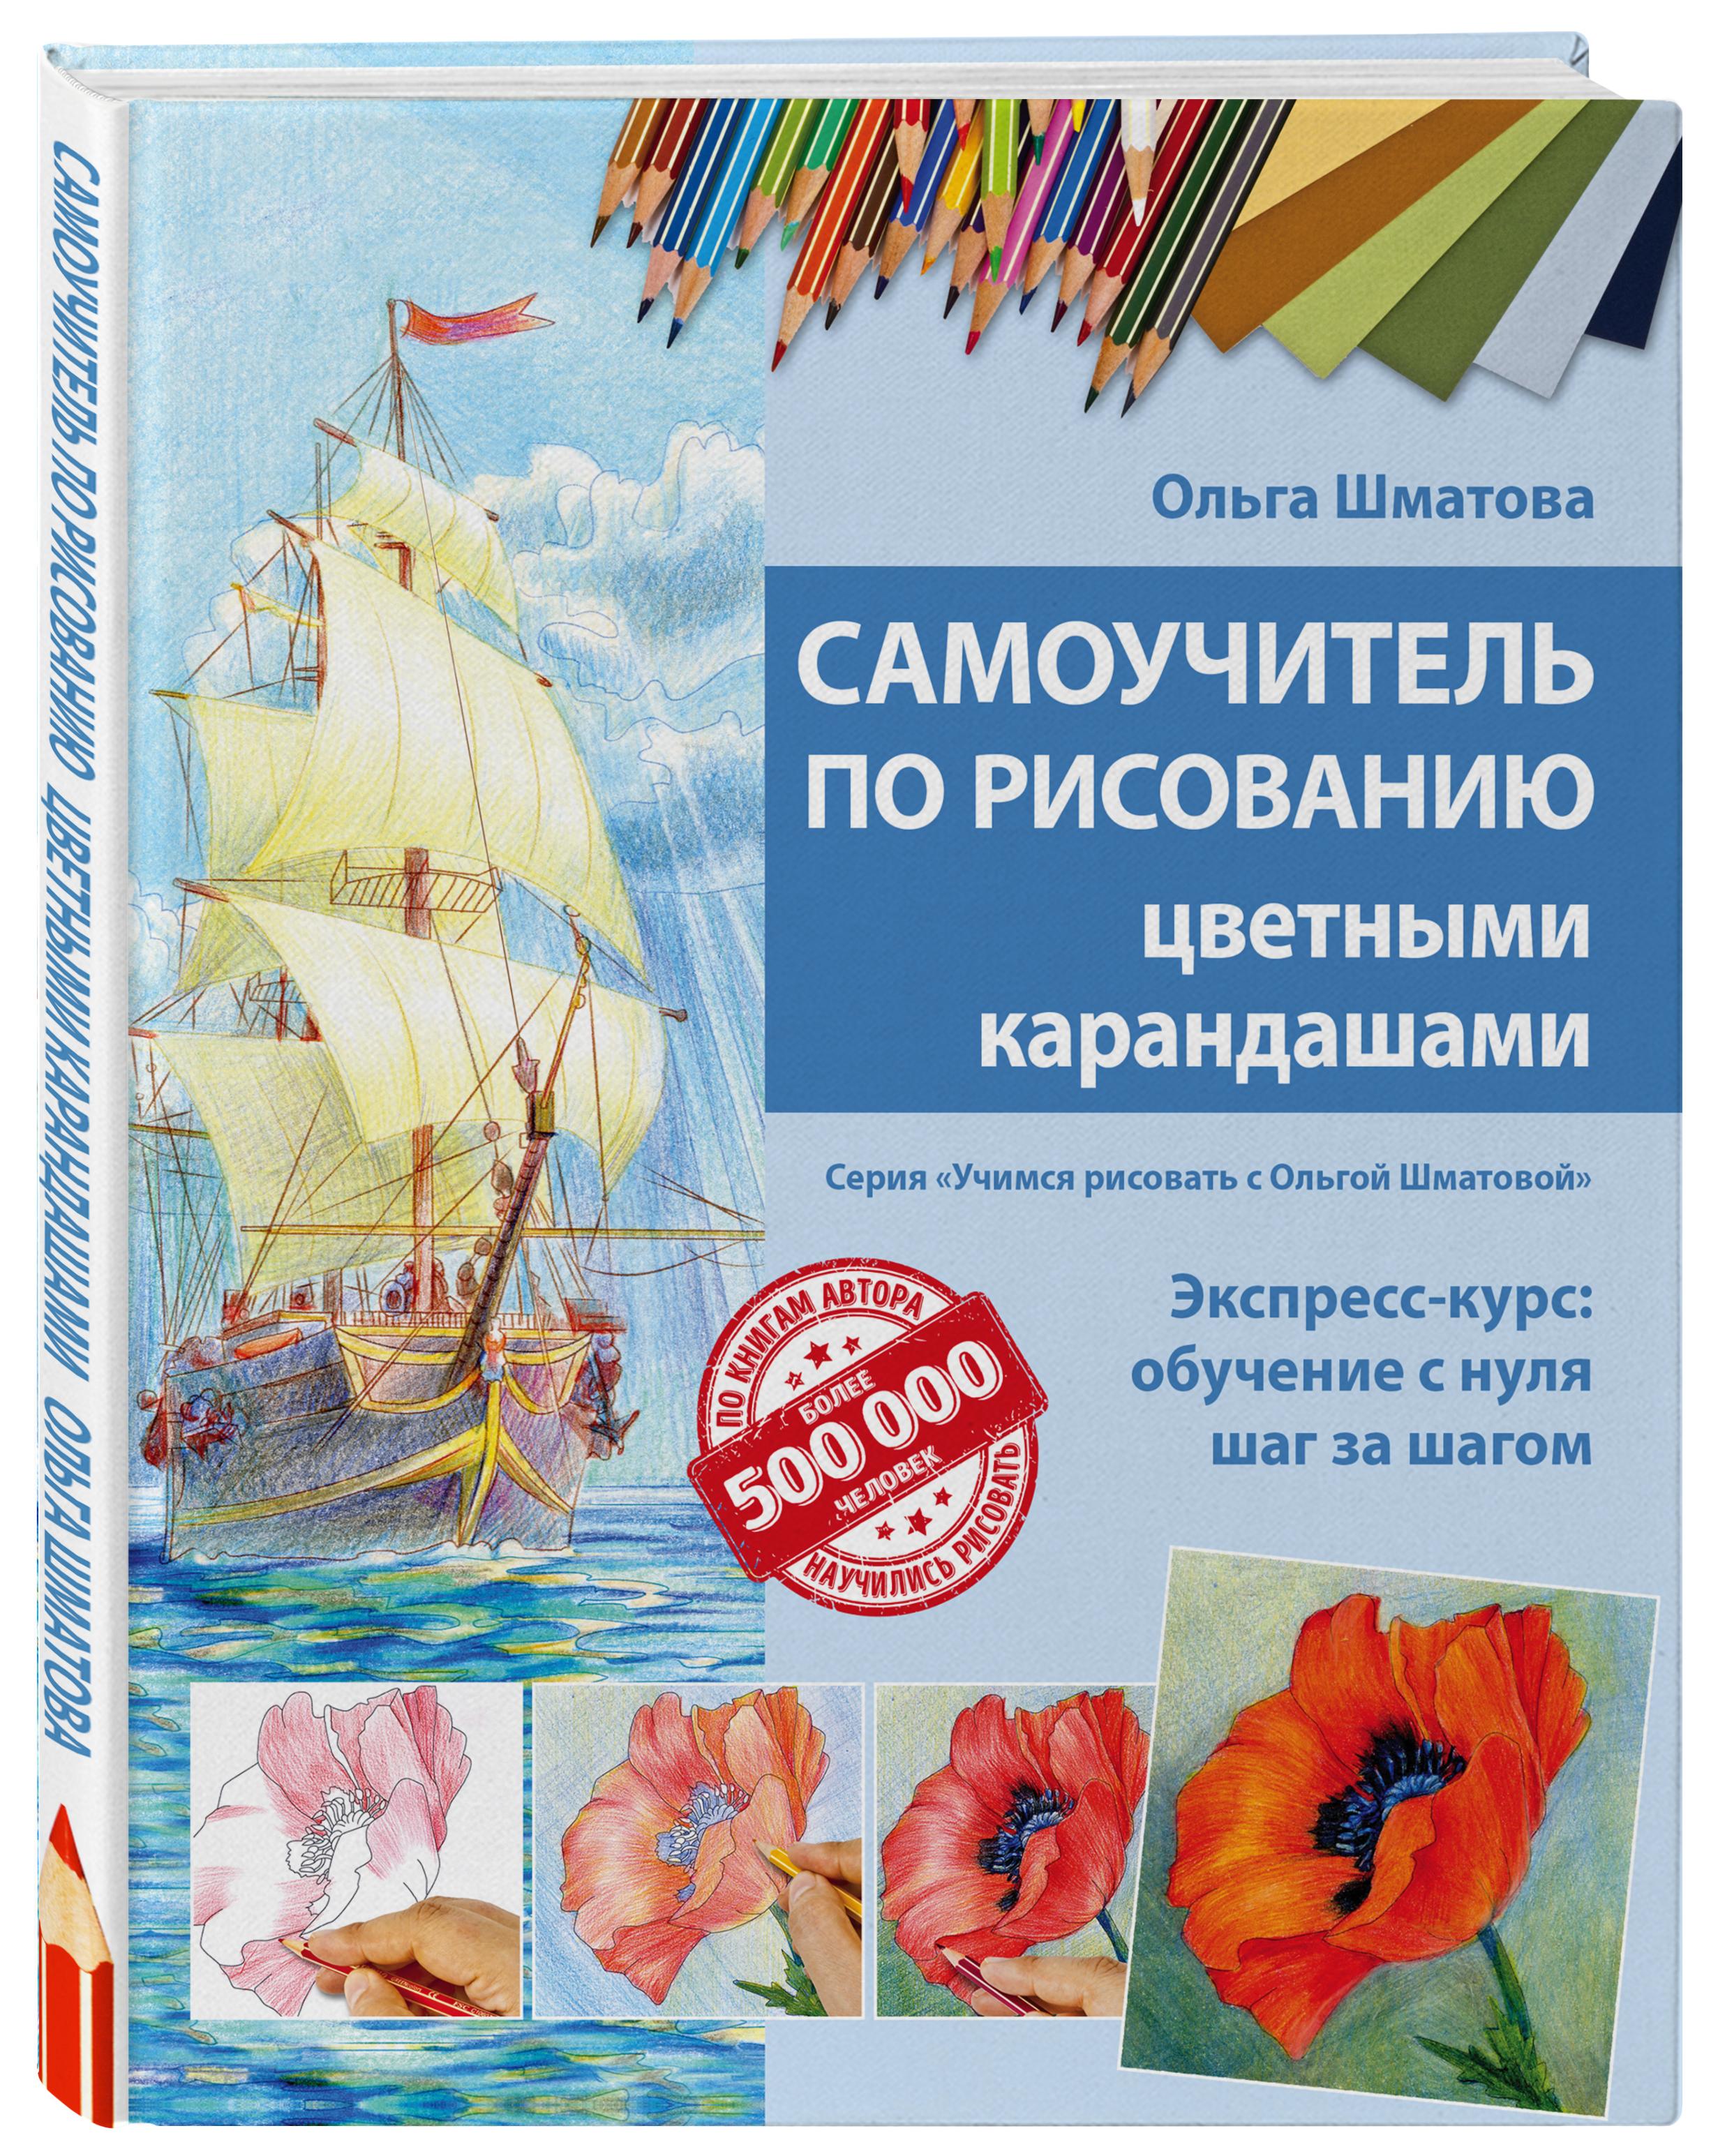 Ольга Шматова Самоучитель по рисованию цветными карандашами (обновленное издание) шматова о самоучитель по рисованию цветными карандашами